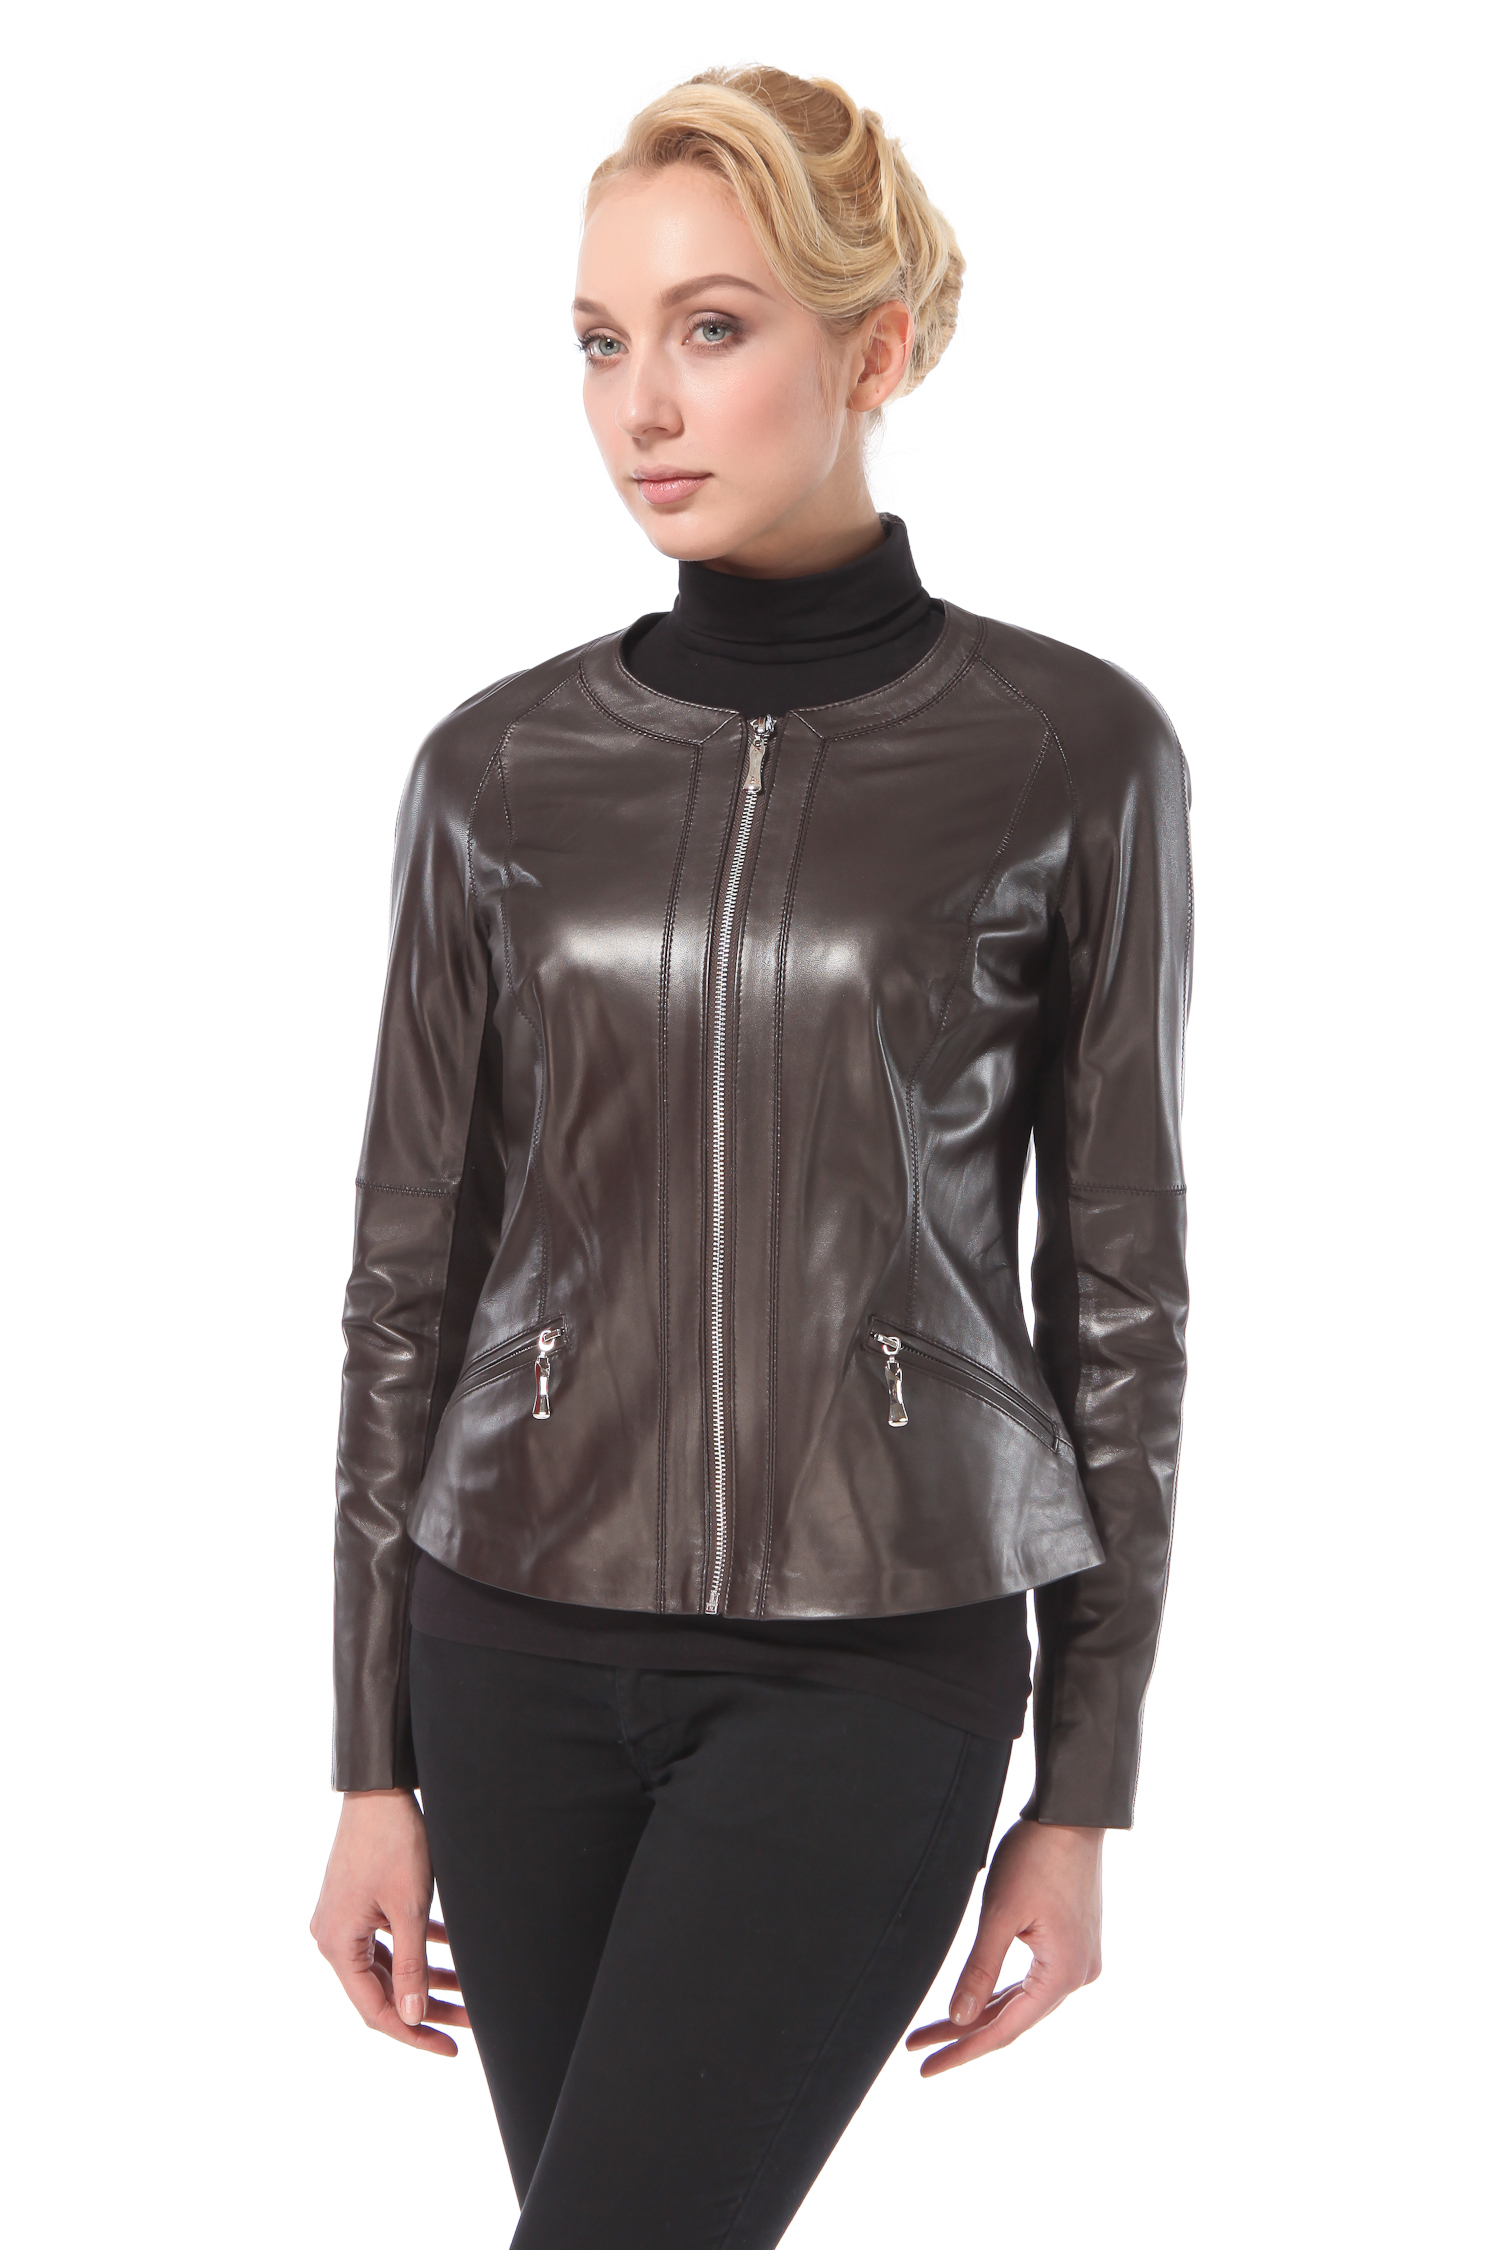 Женская кожаная куртка из натуральной кожи, без отделки<br><br>Длина см: Короткая (51-74 )<br>Материал: Кожа овчина<br>Цвет: коричневый<br>Пол: Женский<br>Размер RU: 54